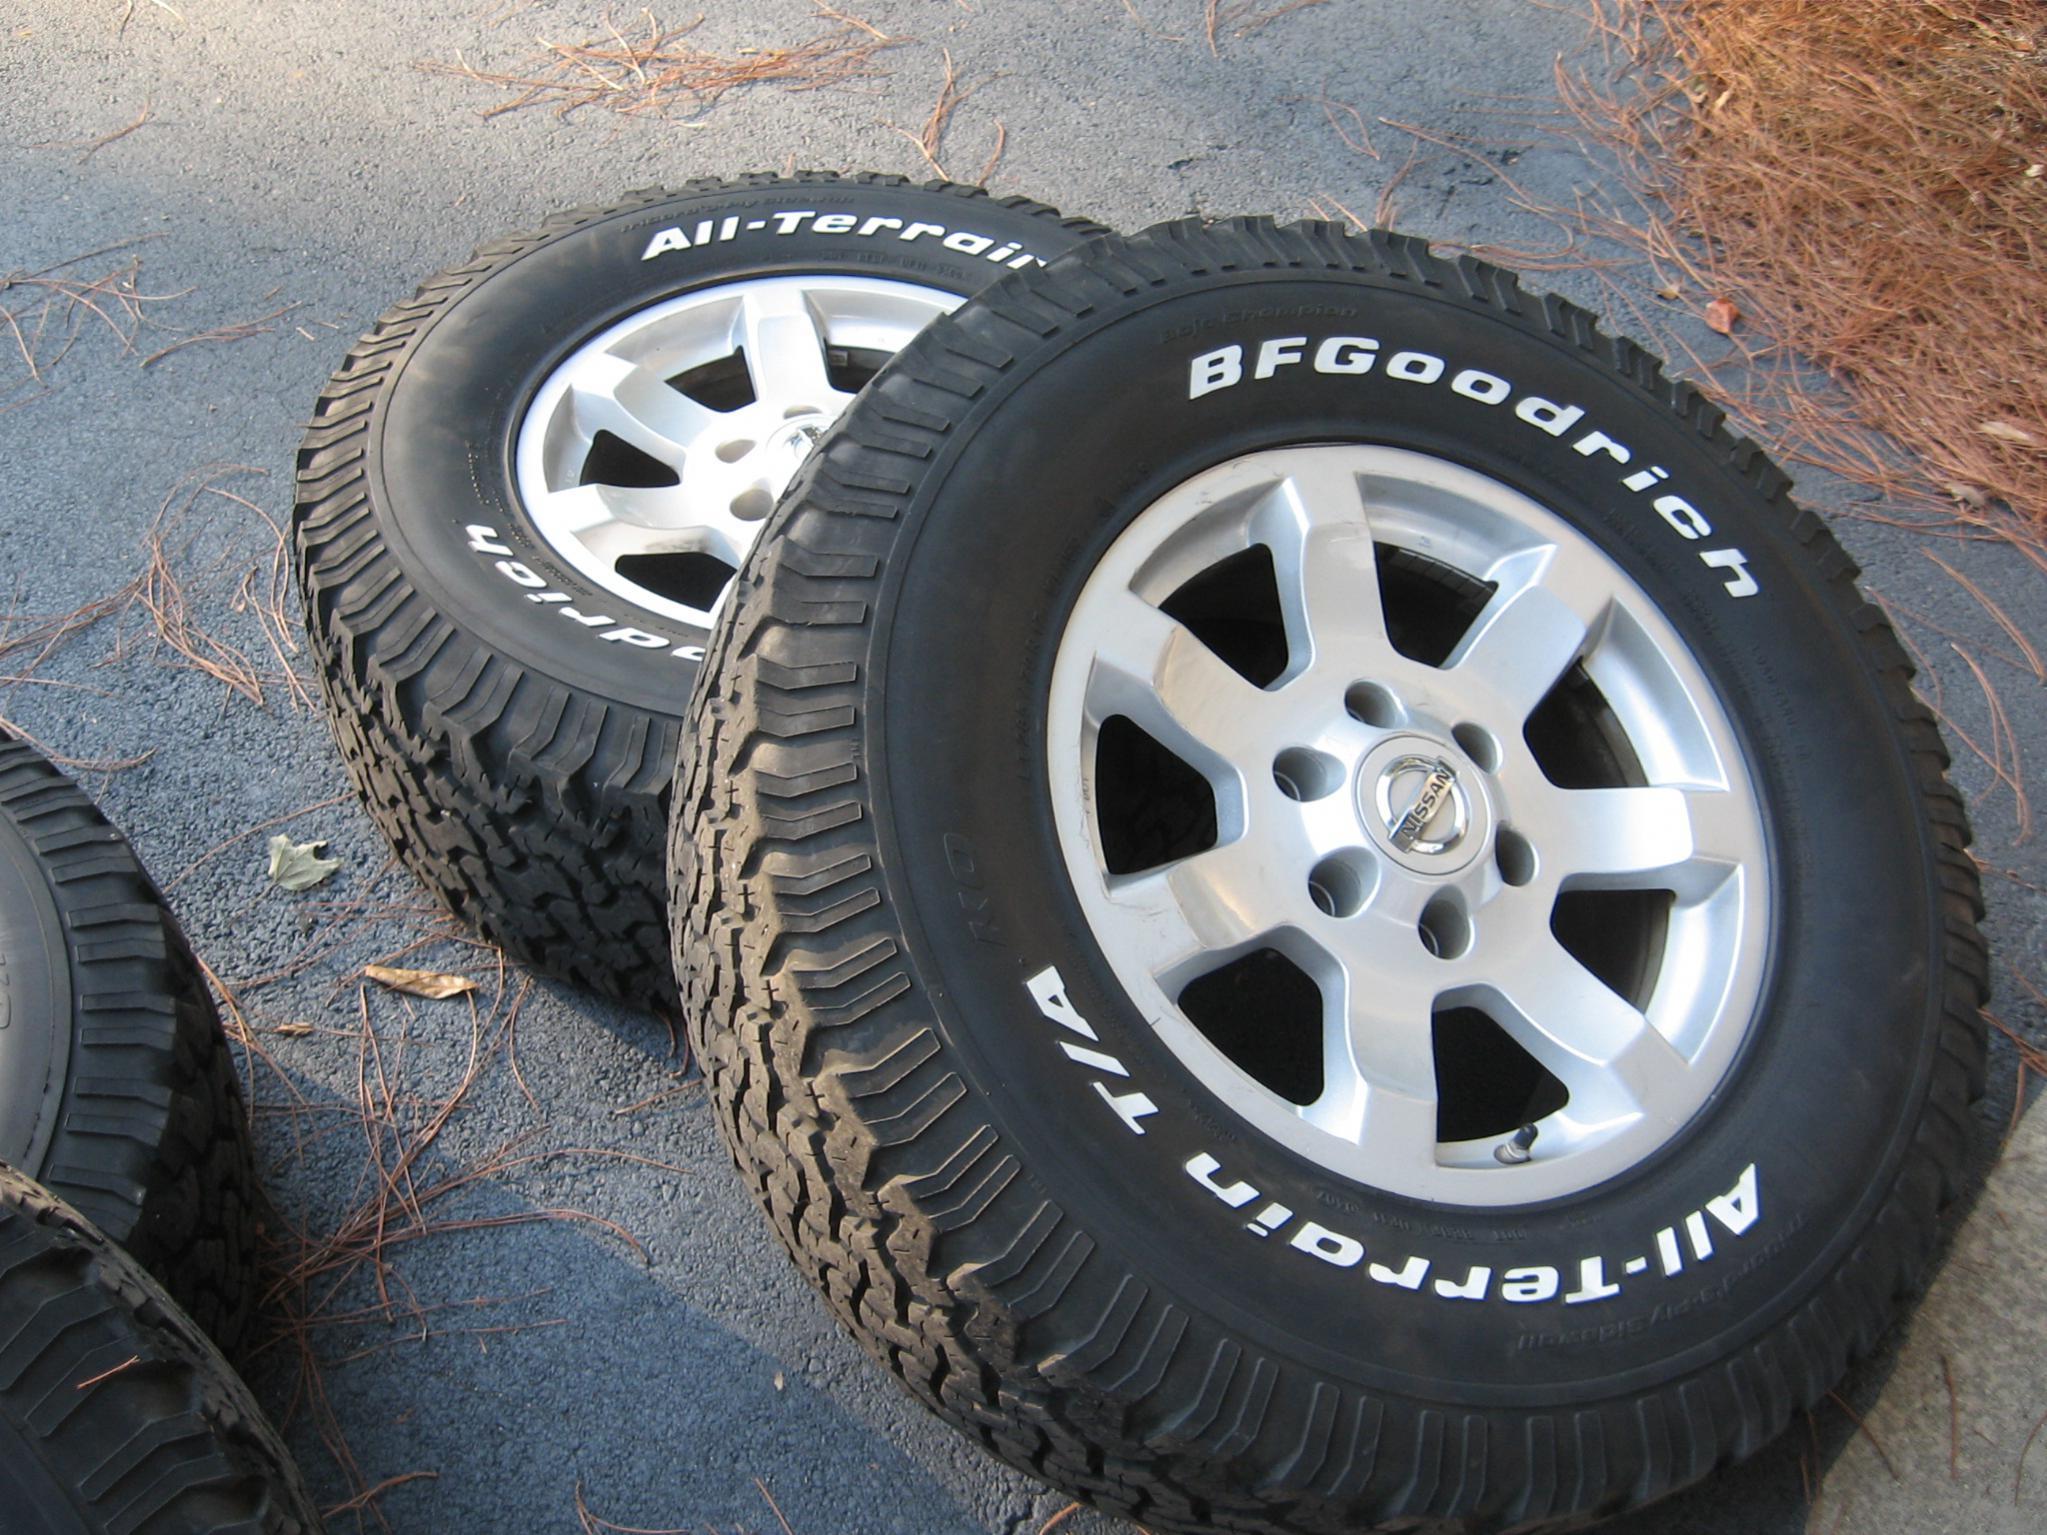 285 70 17 BF Goodrich All Terrain T A and Stock Rims Nissan Titan